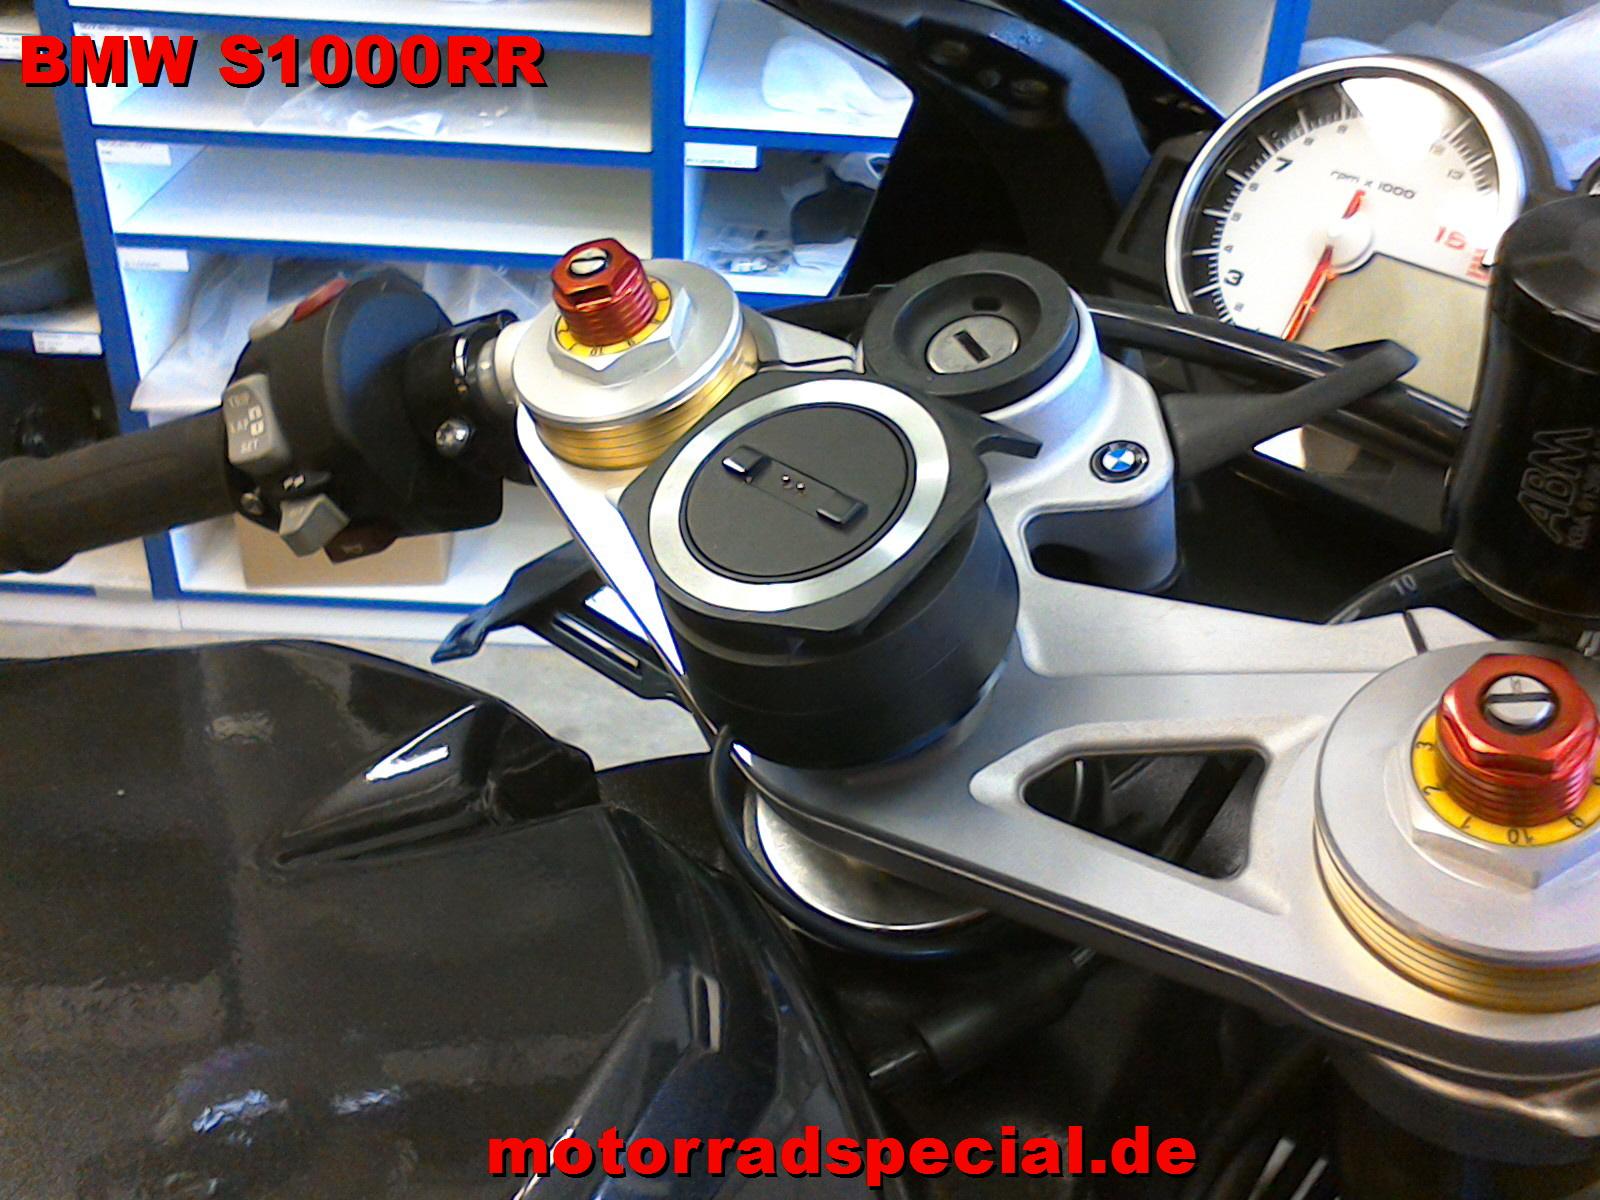 BMW_S1000RR_S1000R_Navigationshalter_Navihalter_Navihalterung4